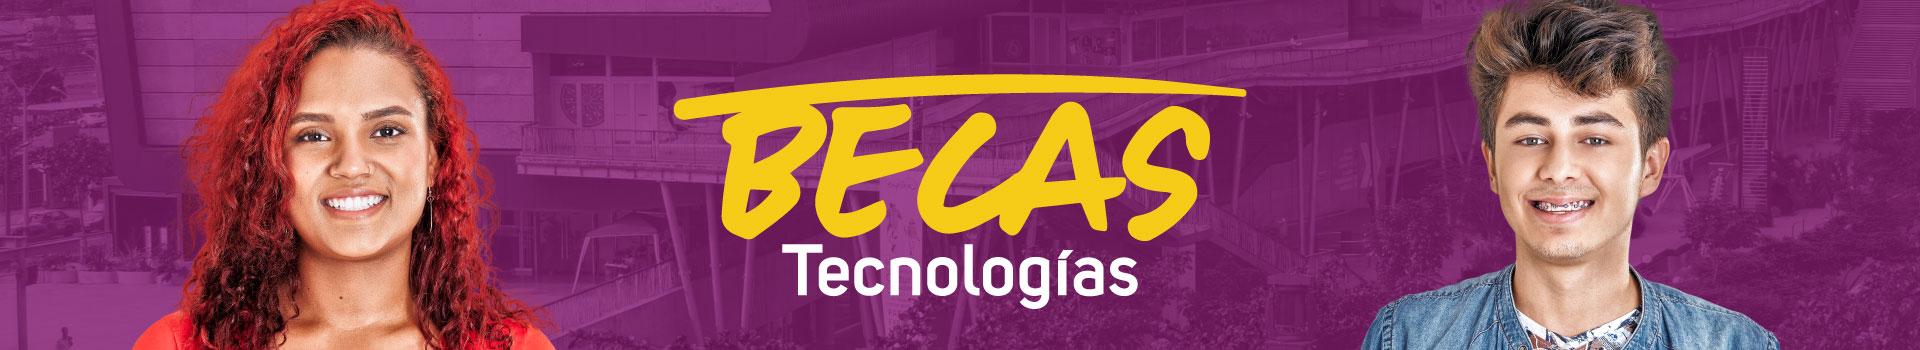 banner-micrositio-becas-tecnologias